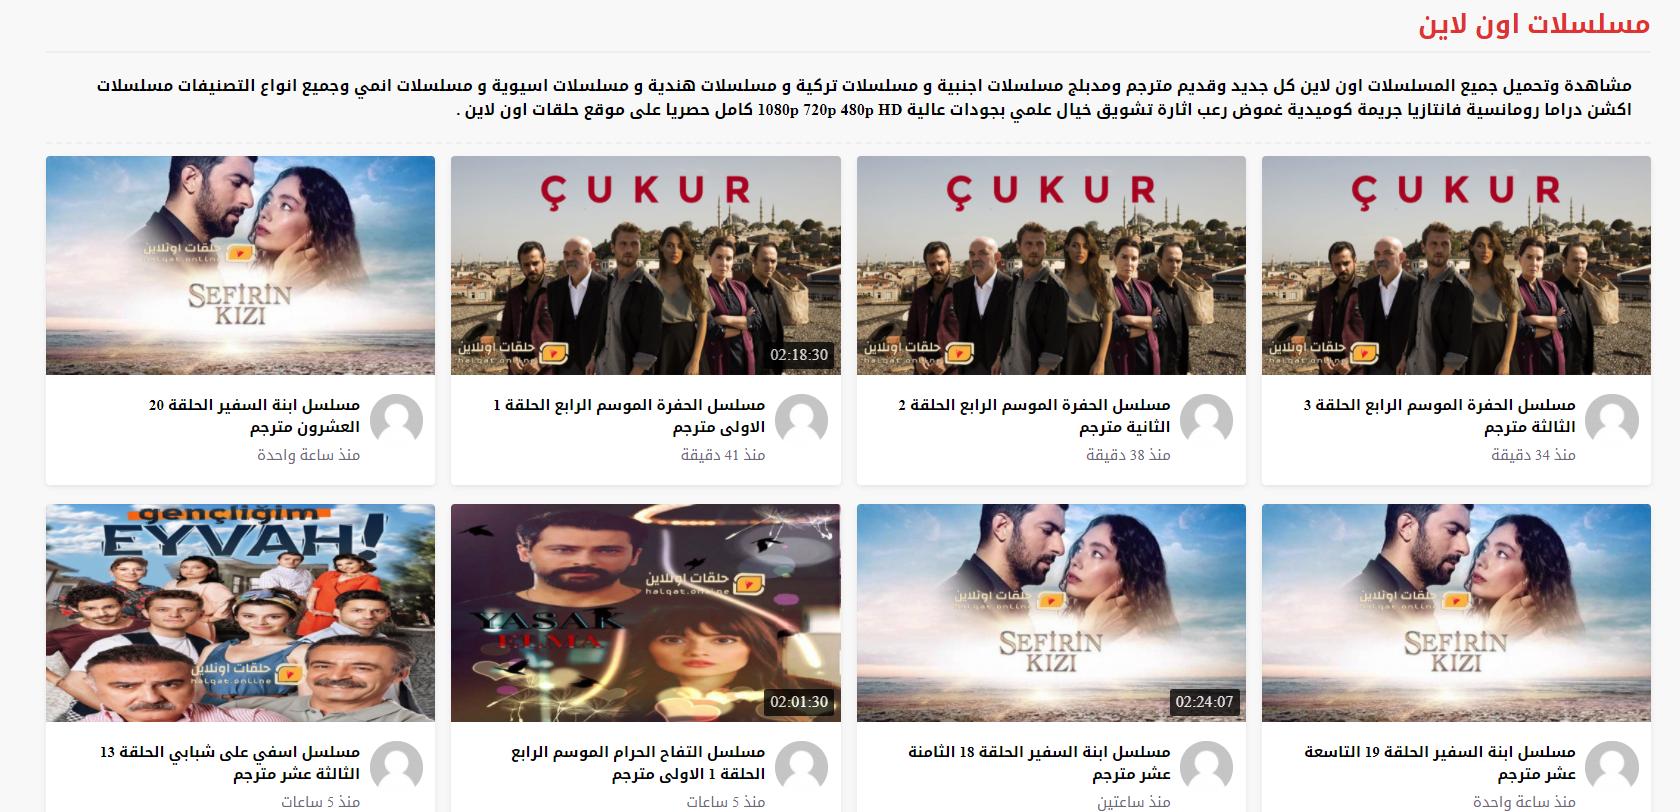 مشاهدة وتحميل جميع المسلسلات اون لاين كل جديد وقديم مترجم ومدبلج Photo Wall Photo Dau